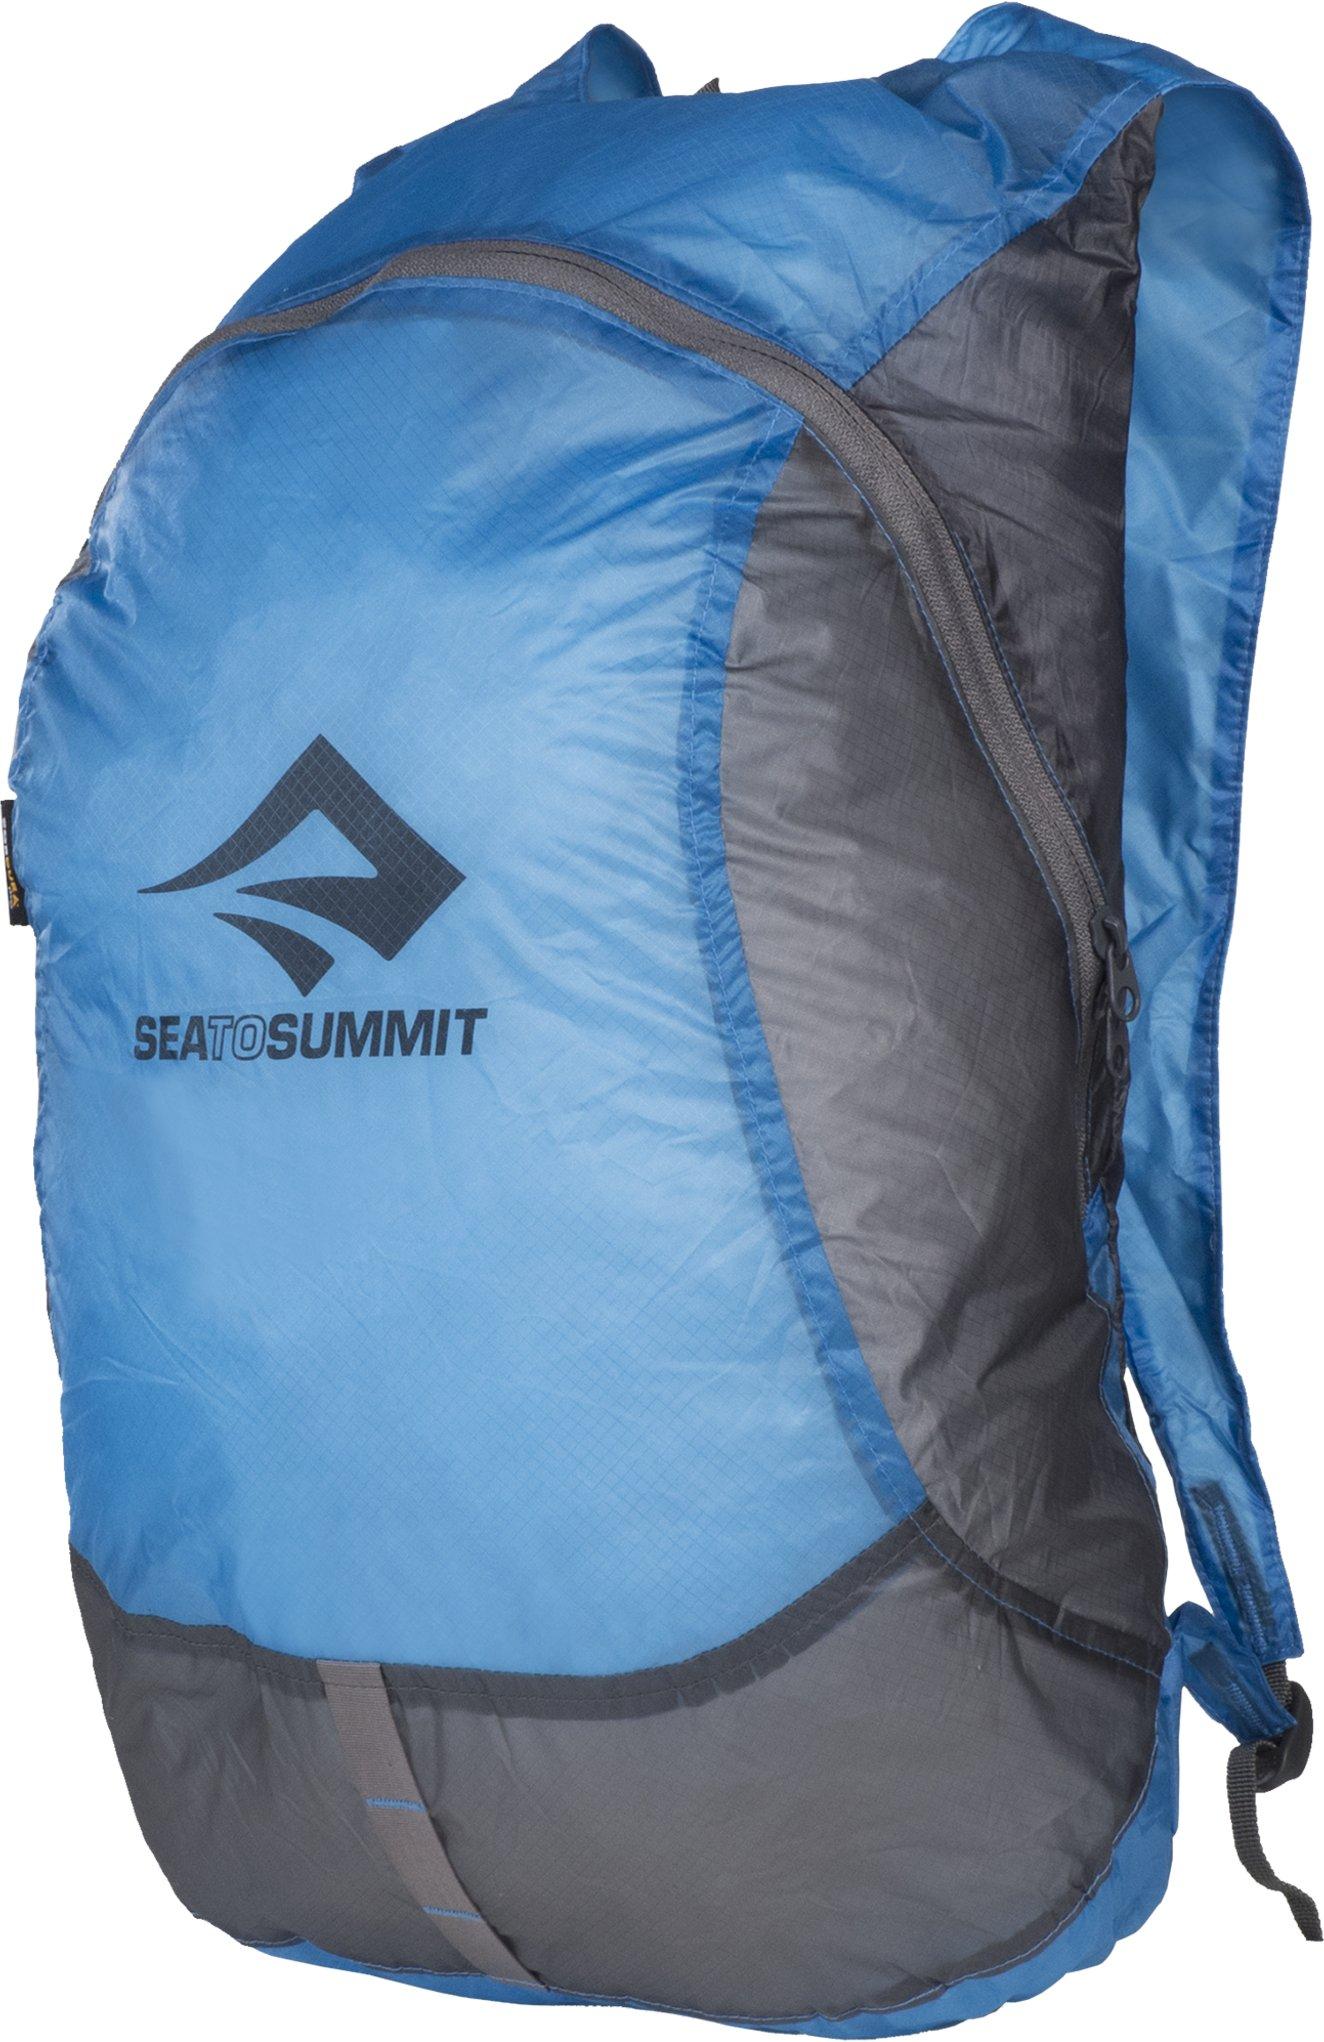 Best pris på Sea to Summit Ultrasil Daypack - Se priser før kjøp